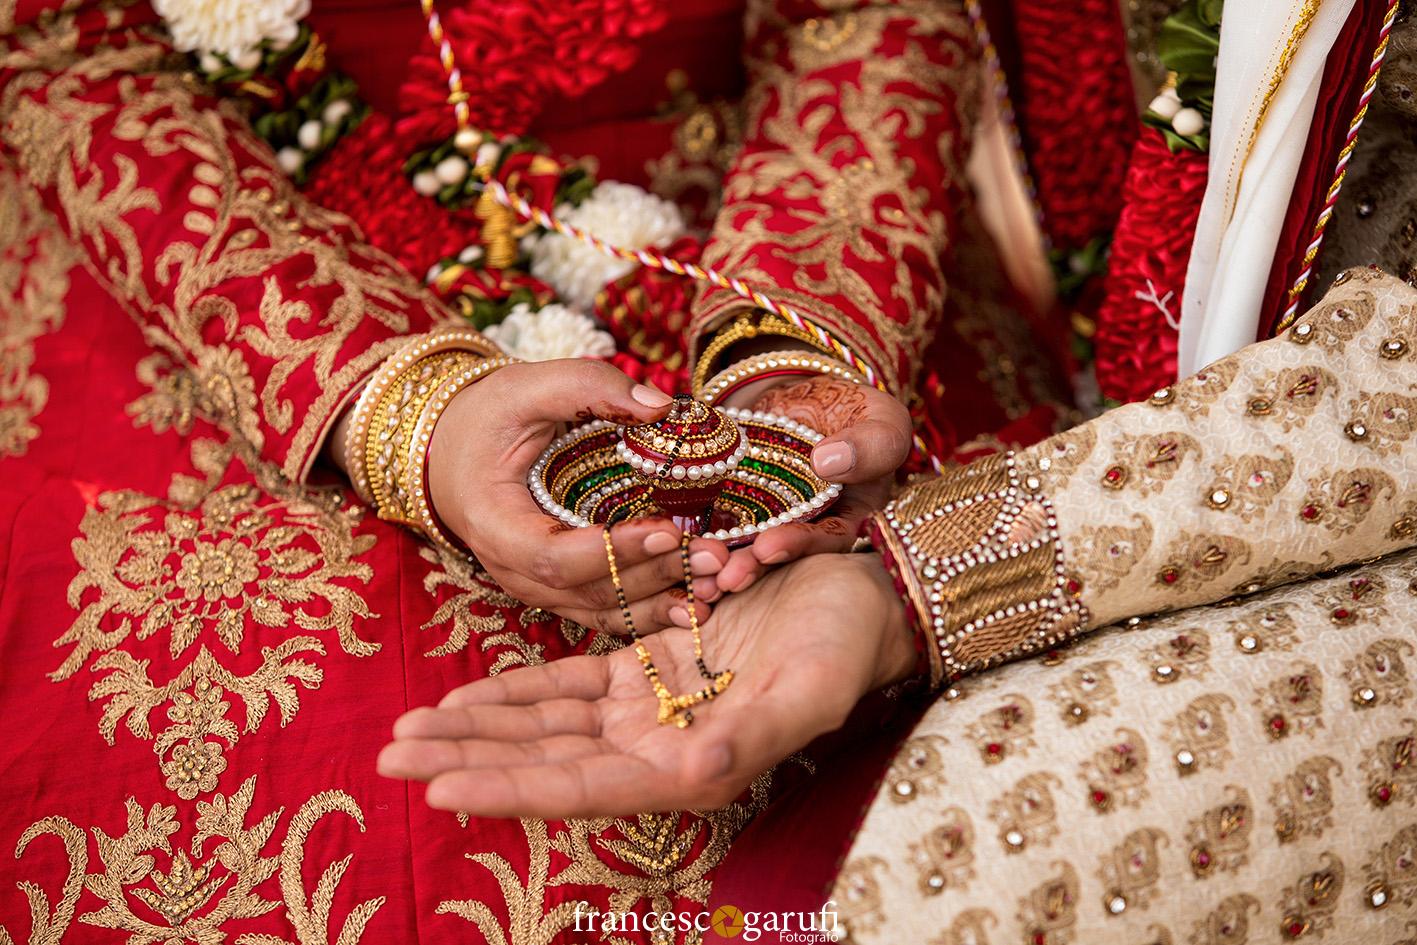 rituale con oggetto sacro in una cerimonia Hindu